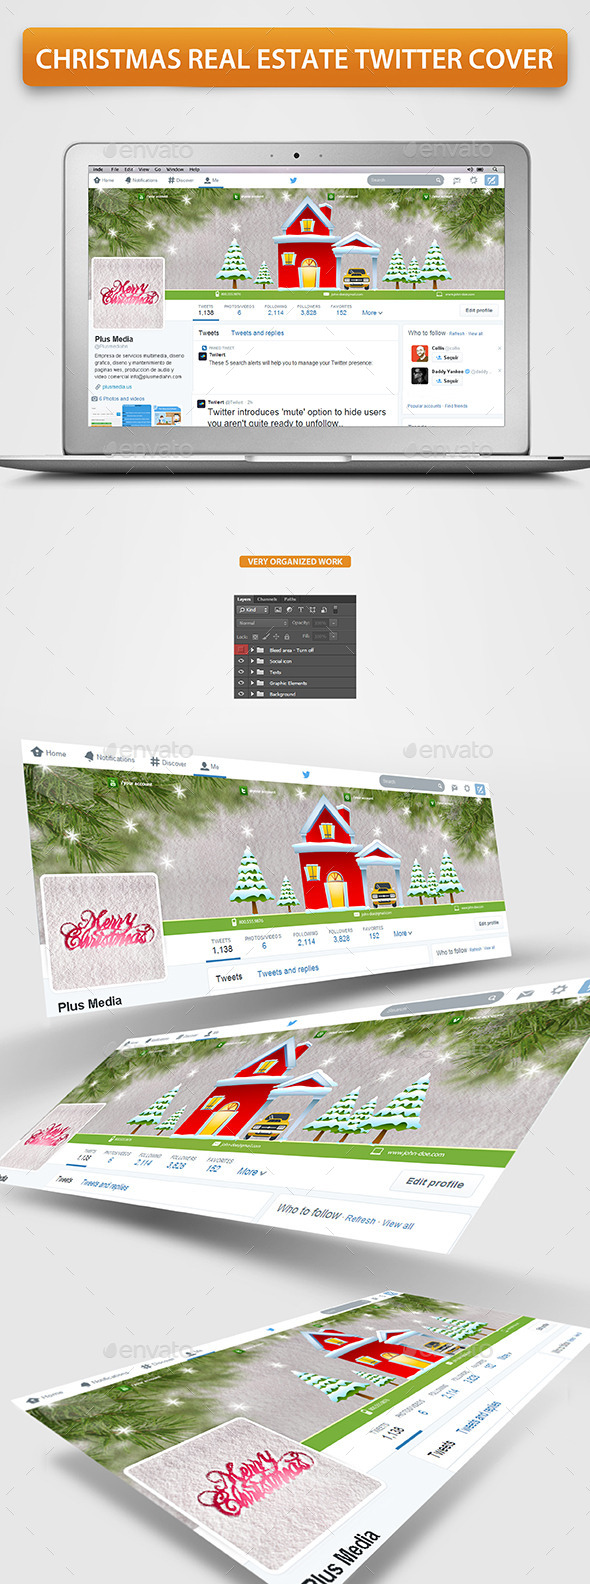 Christmas Real Estate Twitter Cover - Twitter Social Media